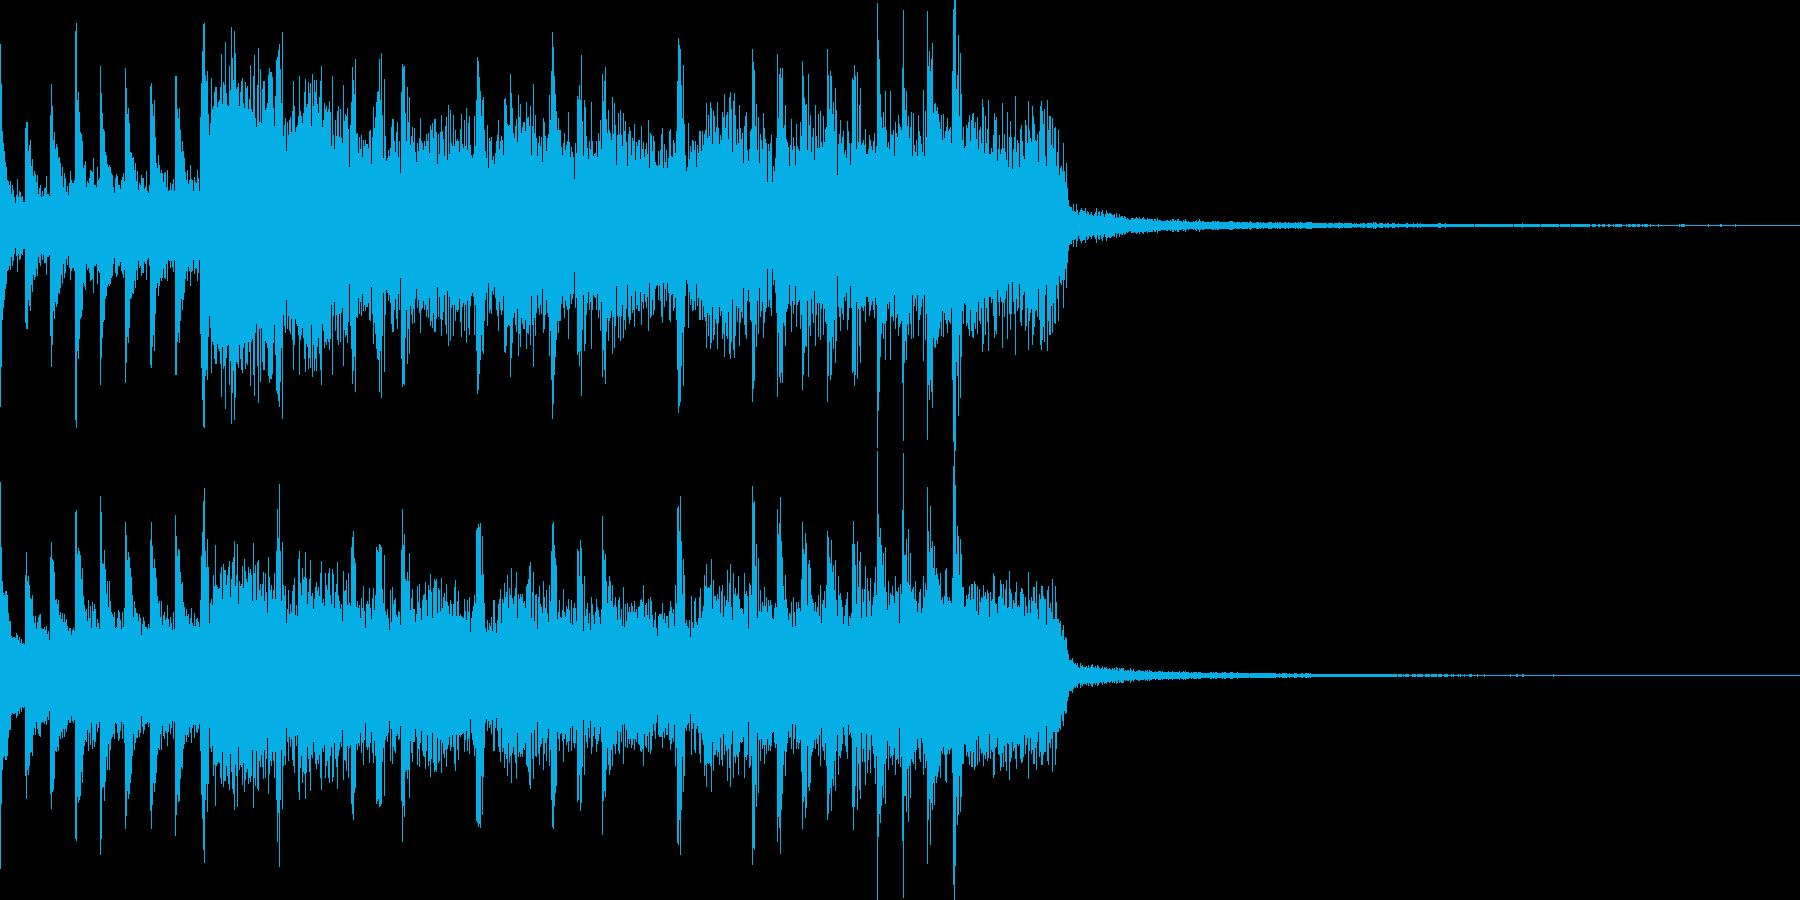 不協和音なハードロックジングルの再生済みの波形